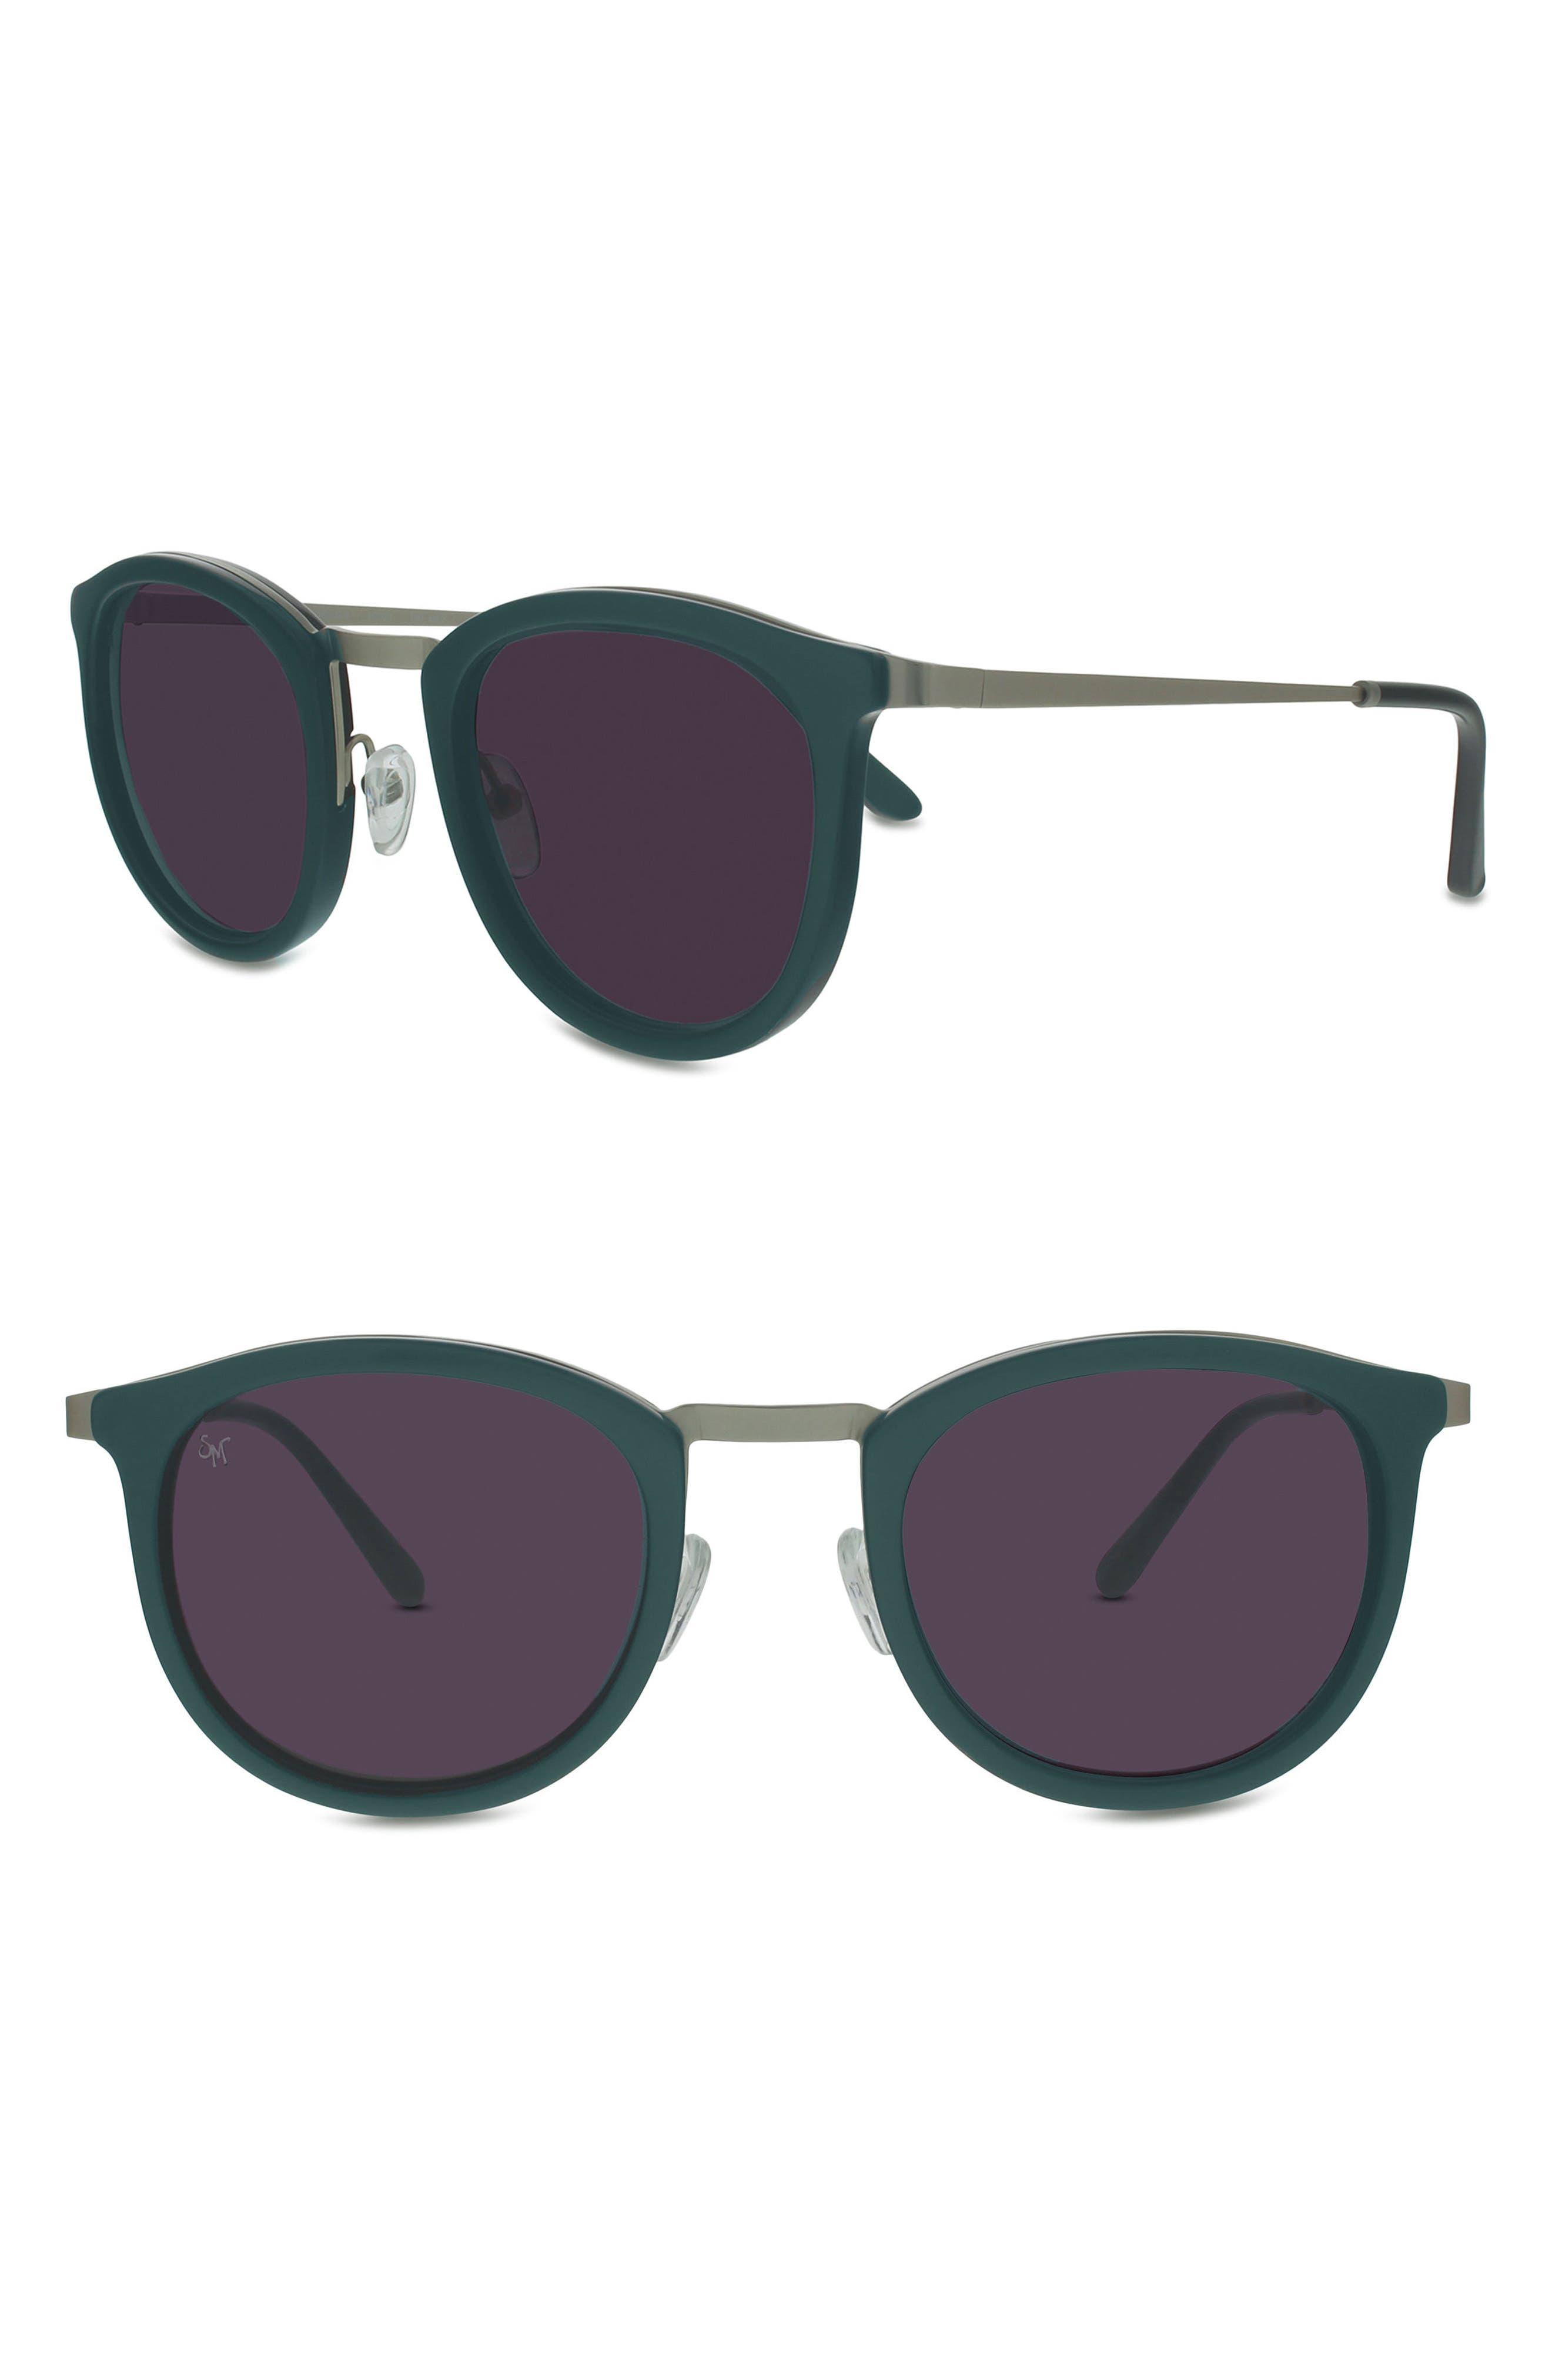 SMOKE X MIRRORS Shout 49mm Retro Sunglasses, Main, color, GREEN/ MATTE SILVER